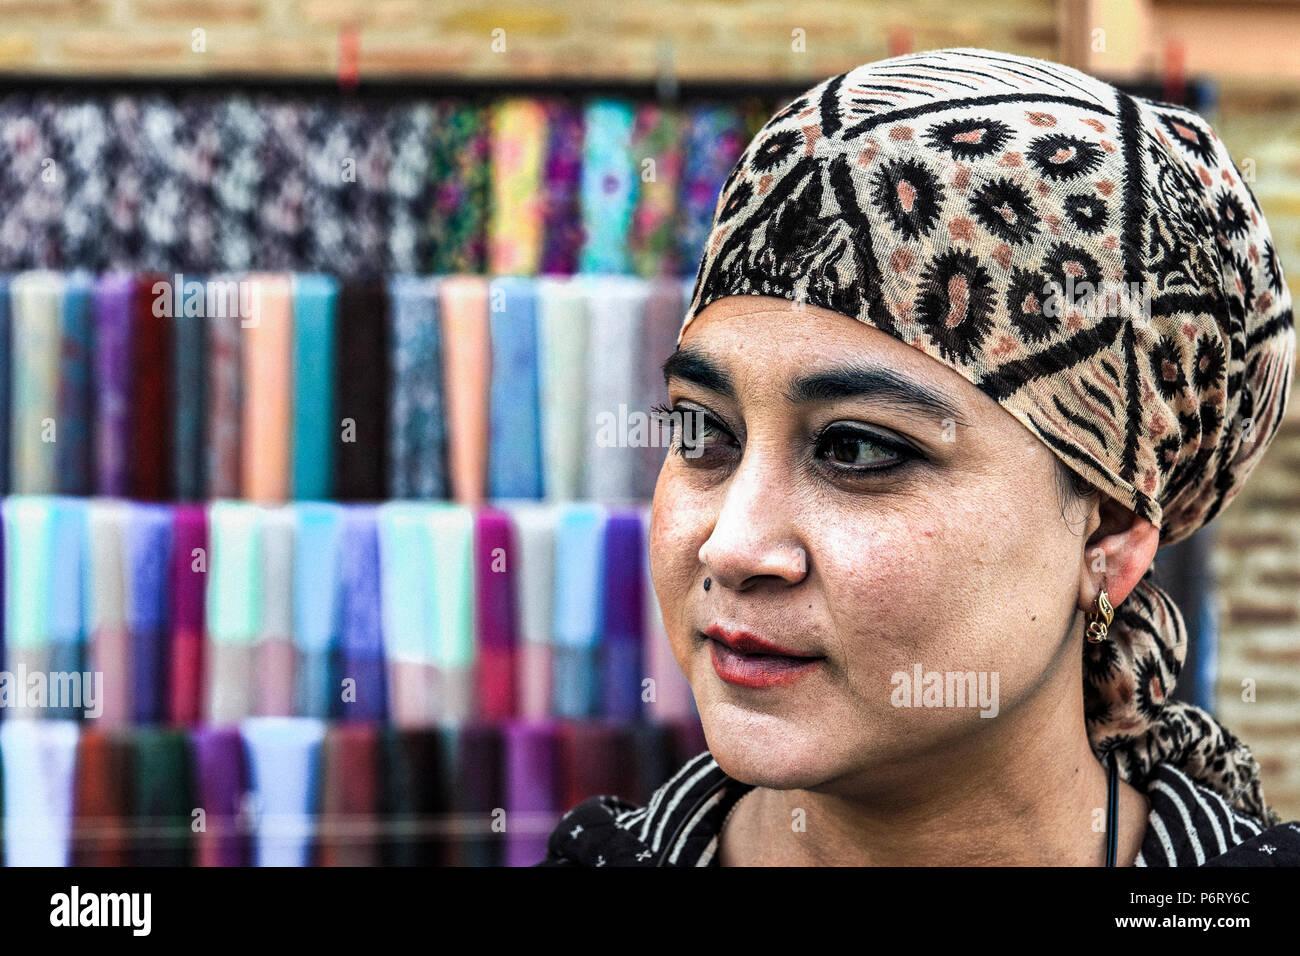 aa7133ca4b7a Un vendeur de foulards dans un marché de Boukhara, Ouzbékistan Photo Stock